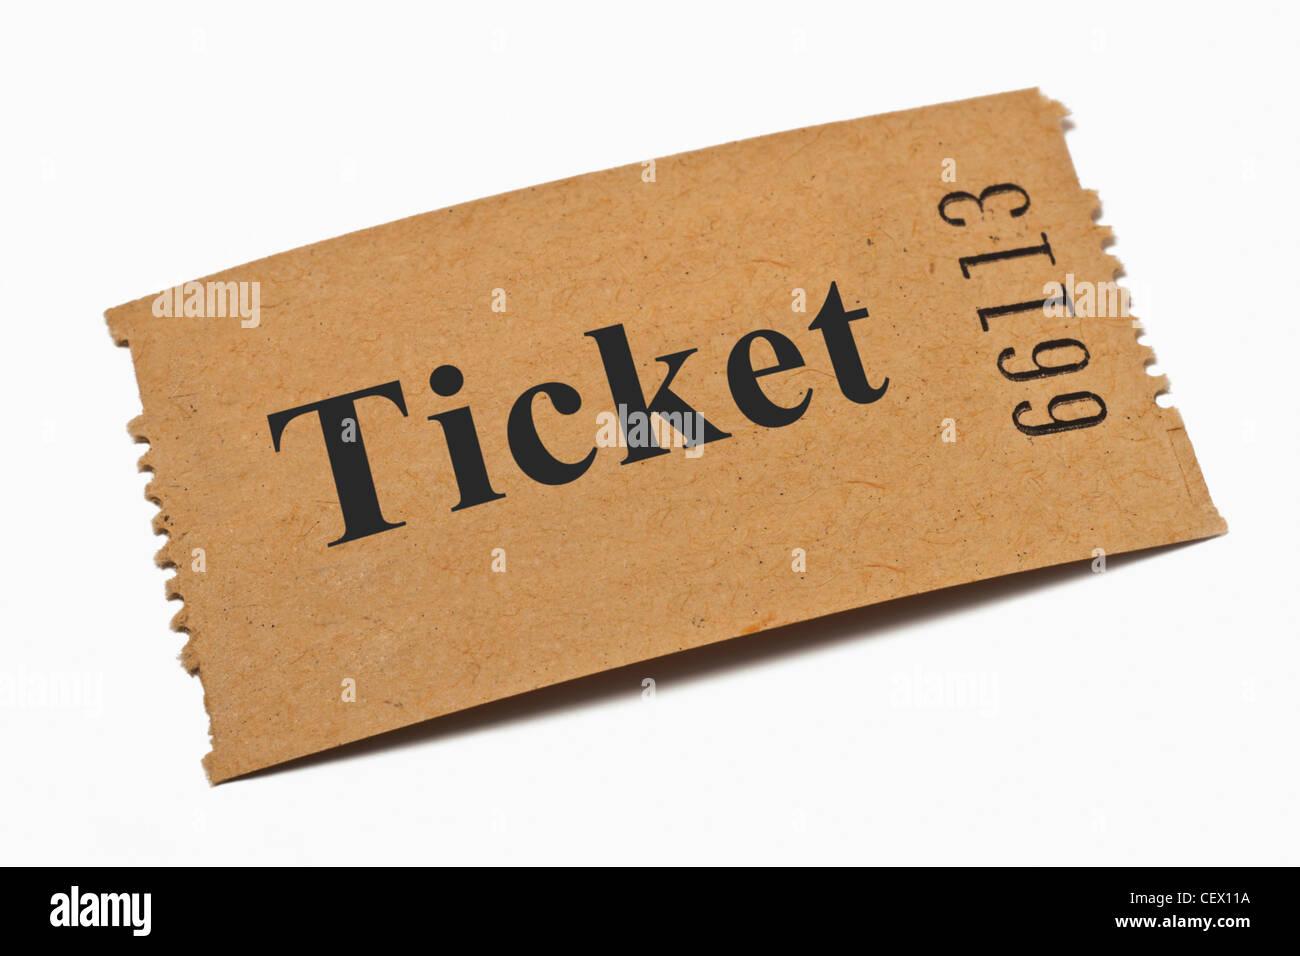 Detailansicht einer Karte aus Papier mit der Aufschrift Ticket | Detail photo of a paper card with the inscription - Stock Image